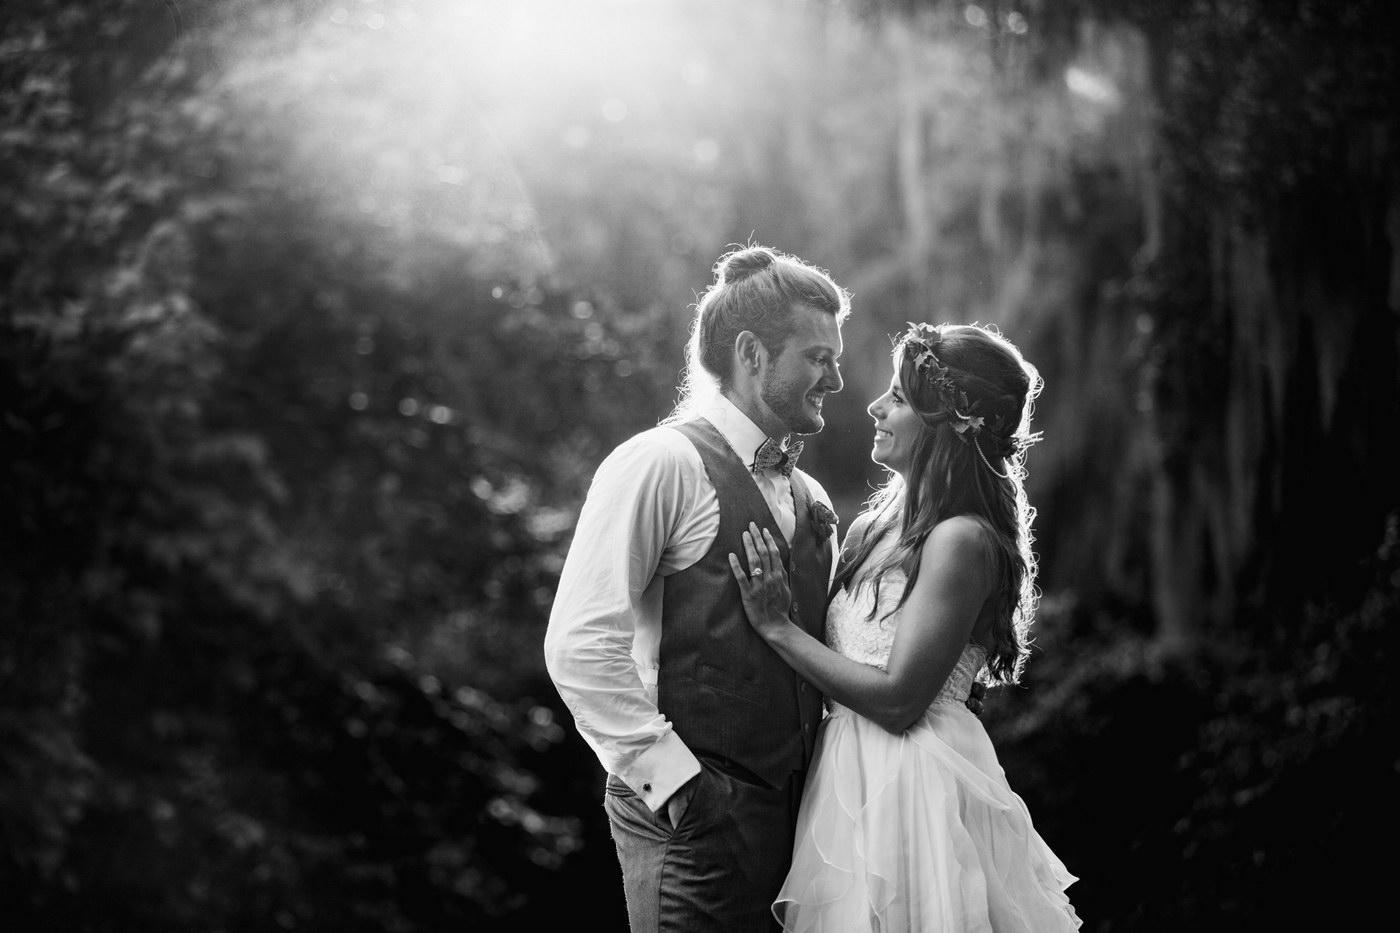 Ce melodii poti alege pentru nunta